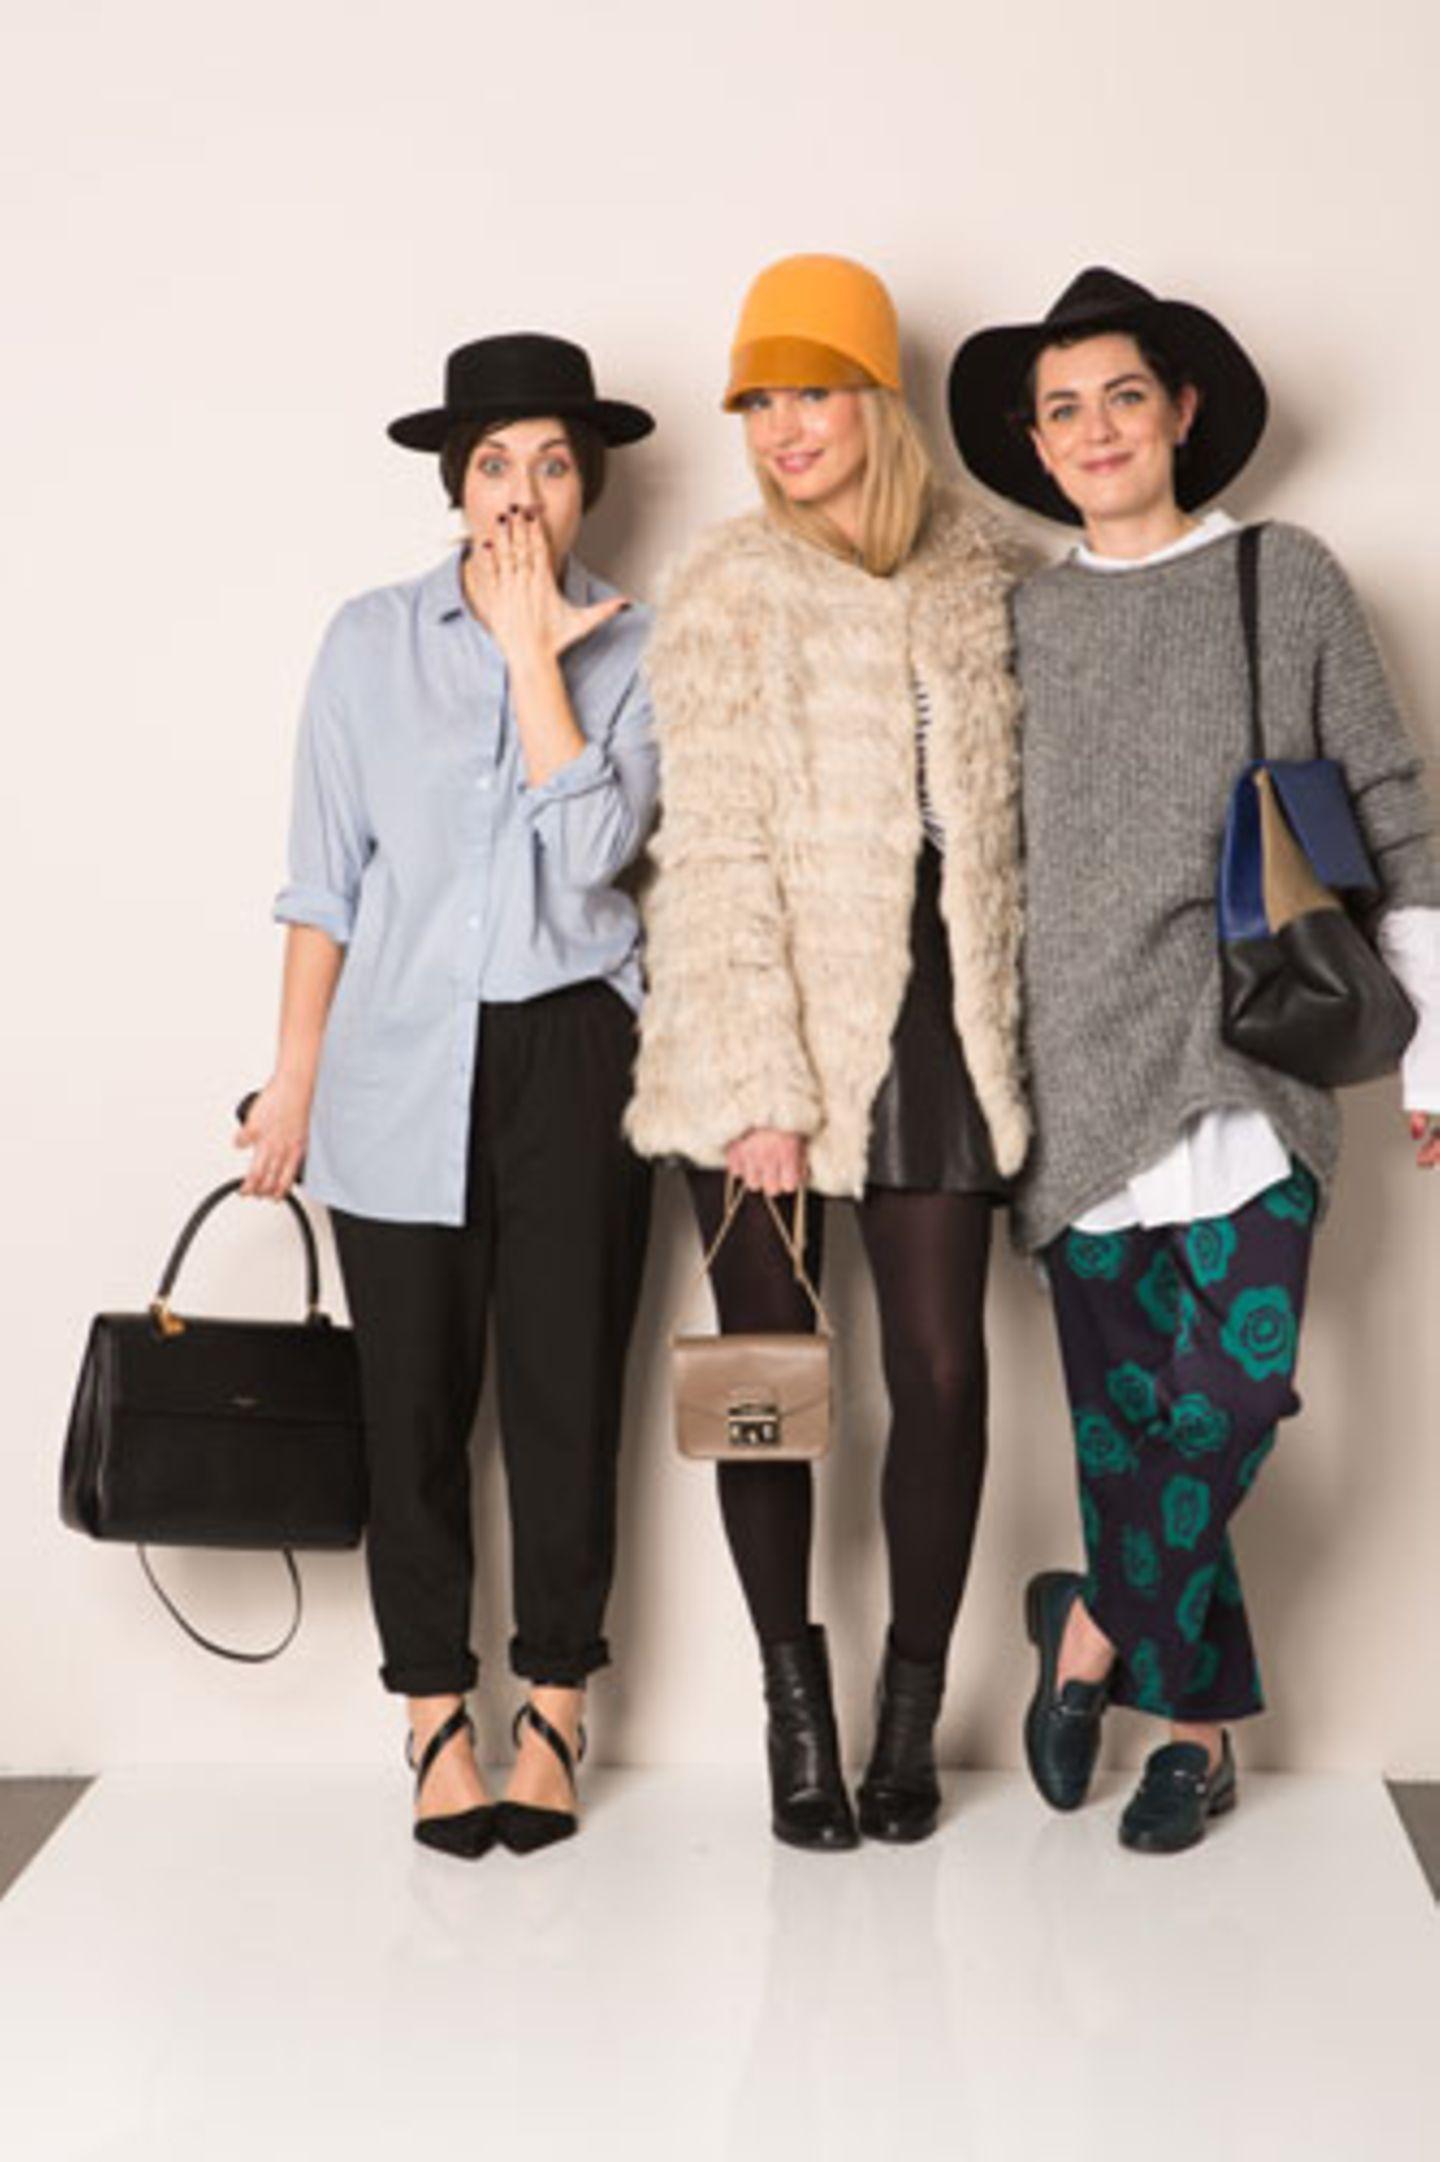 Anlässlich der Fashion Week Berlin lud Brands4Friends drei deutsche Modebloggerinnen ein, ihre Lieblings-Outfits für die Frühjahr/Sommer-Saison 2015 zu stylen. Außerdem stellten die drei Bloggerinnen einen Trend-Look zusammen, den Sie hier gewinnen können.